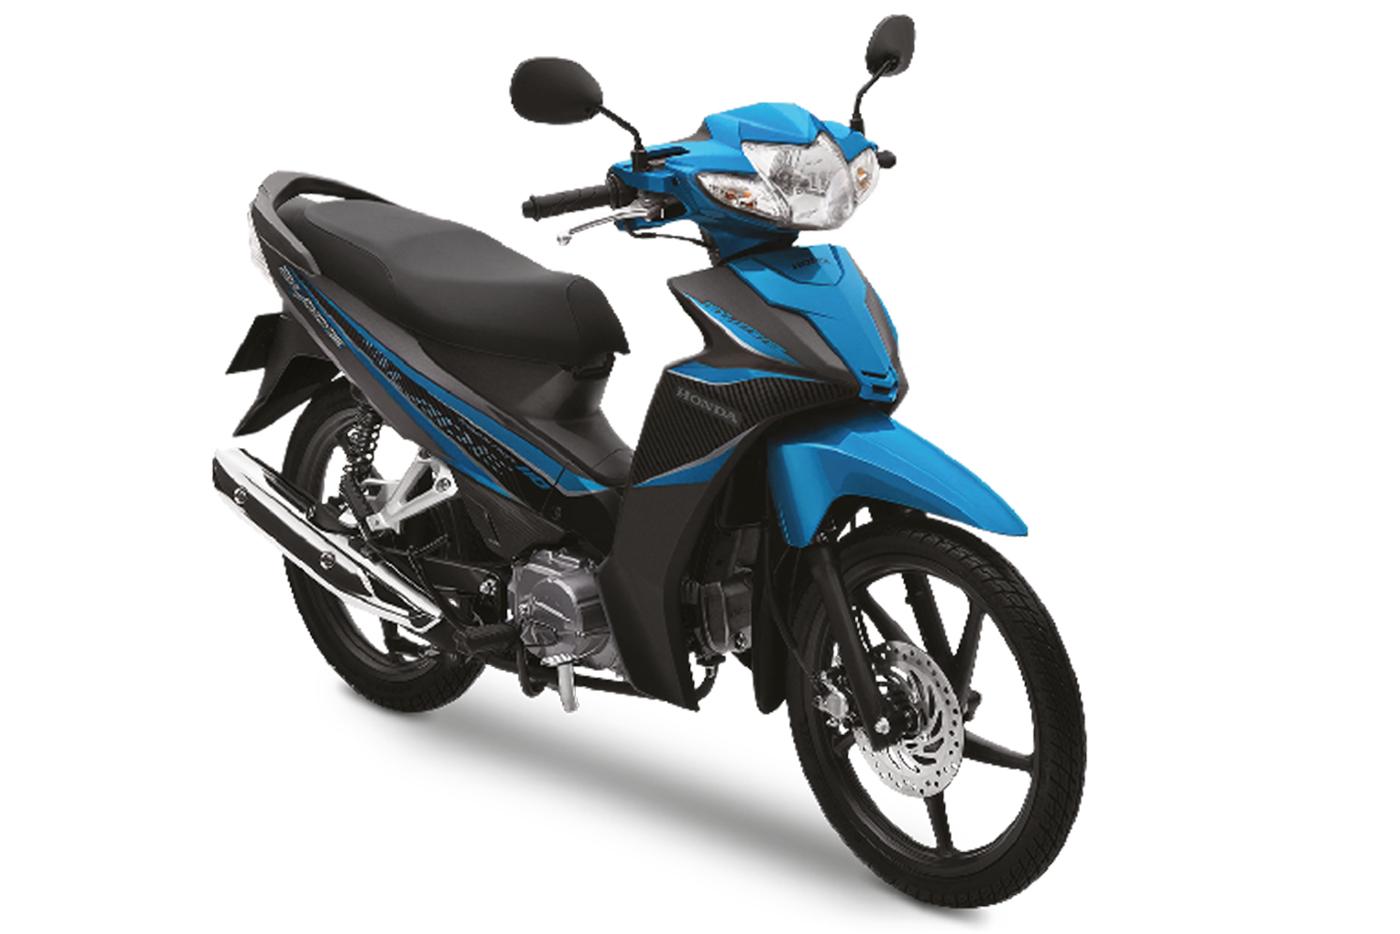 den-xanh-color-honda-blade-550x400-05.jpg